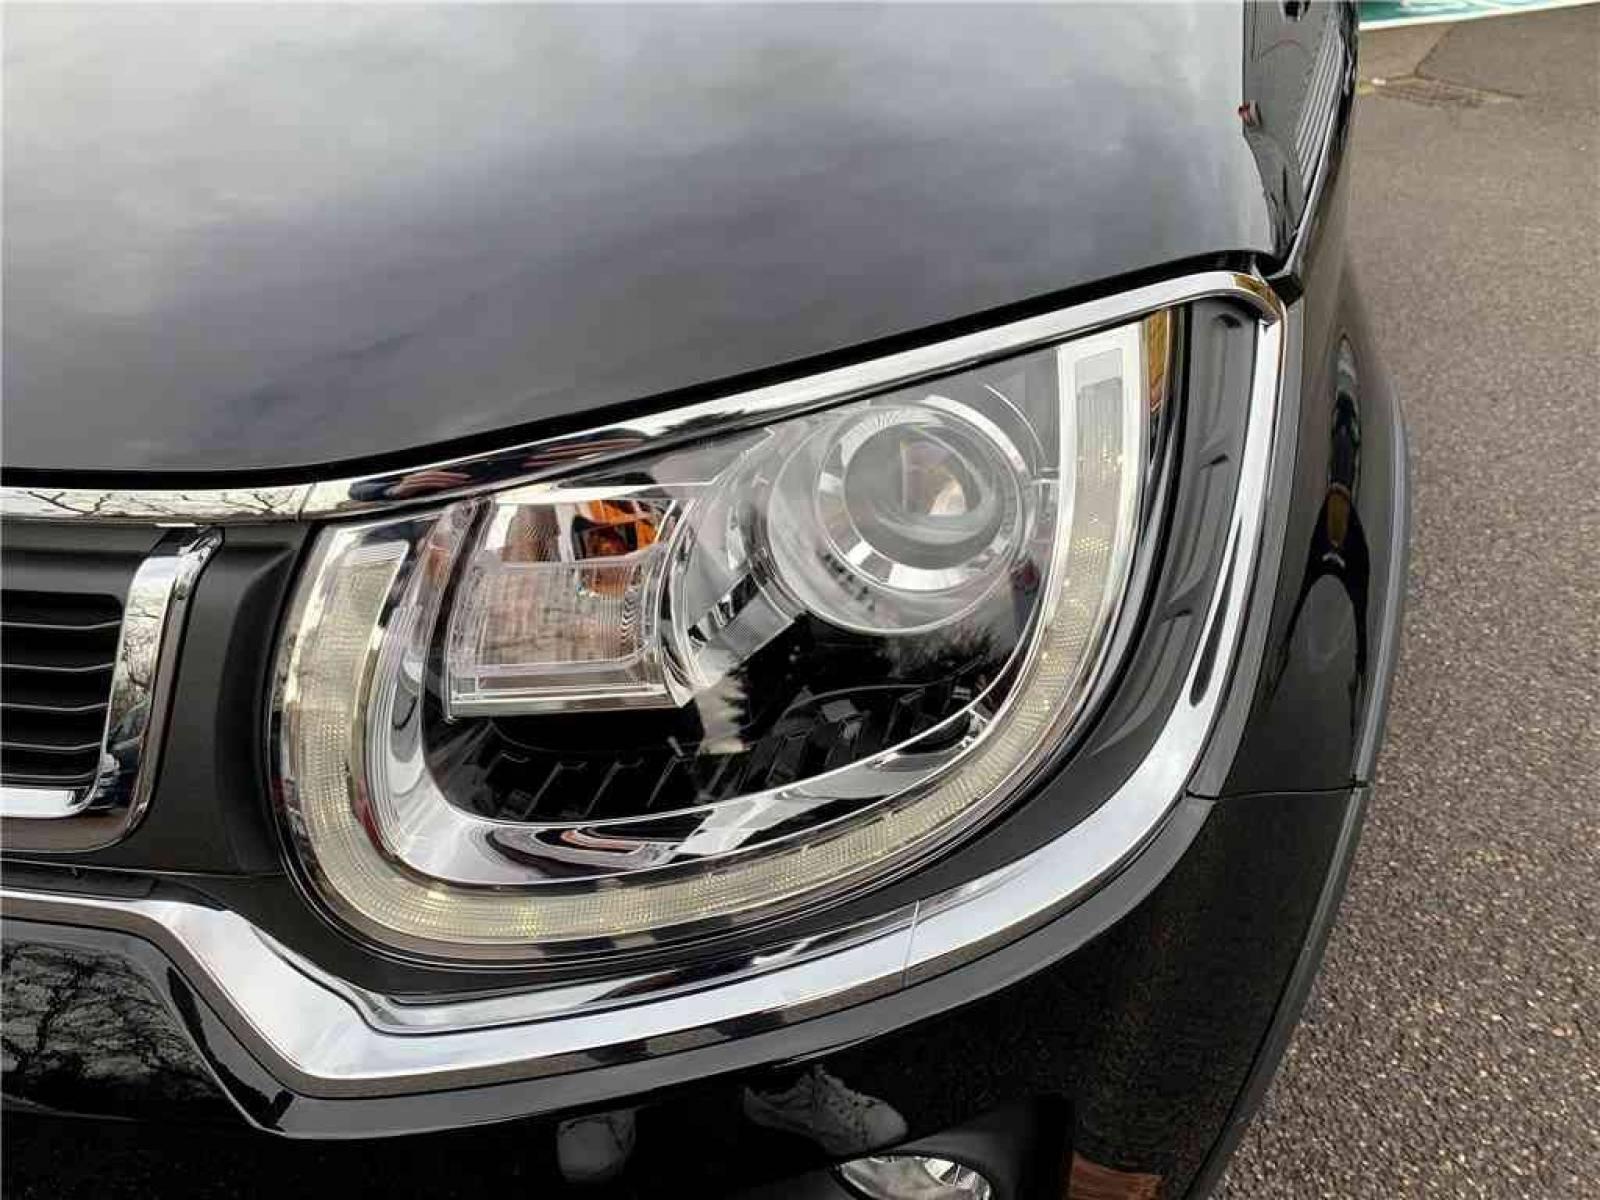 SUZUKI Ignis 1.2 Dualjet Hybrid - véhicule d'occasion - Groupe Guillet - Hall de l'automobile - Chalon sur Saône - 71380 - Saint-Marcel - 35